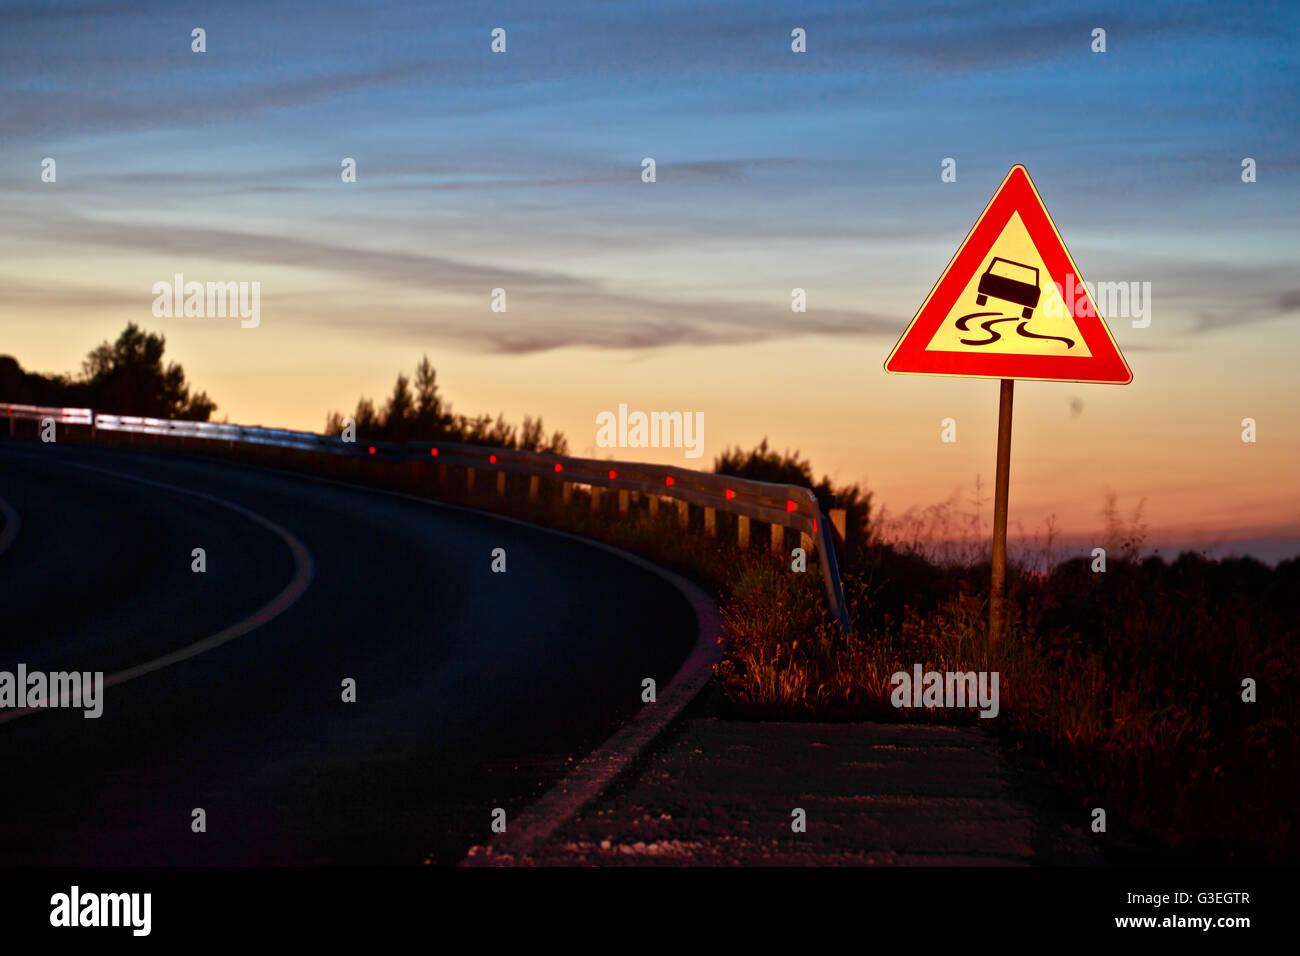 Curvy road sliding danger traffic sign at sunset next to road lane - Stock Image